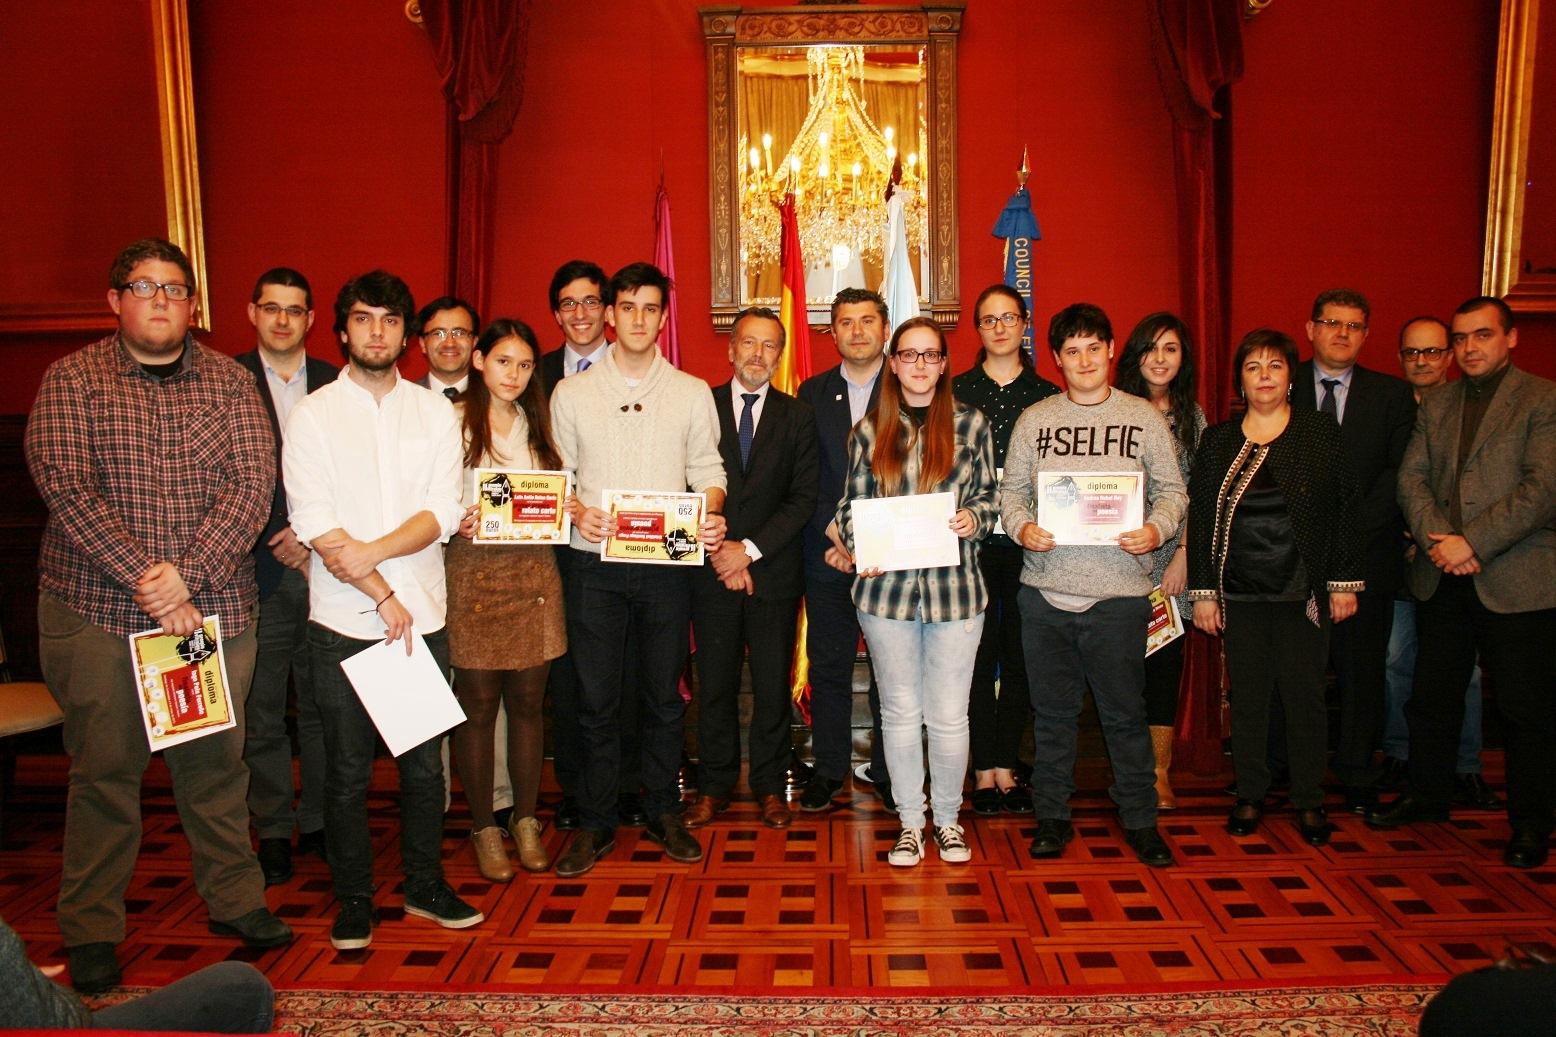 Entrega de los Galardones de la 2ª Edición del Premio Vitrales de poesía y relato corto organizado por el Colegio Mayor